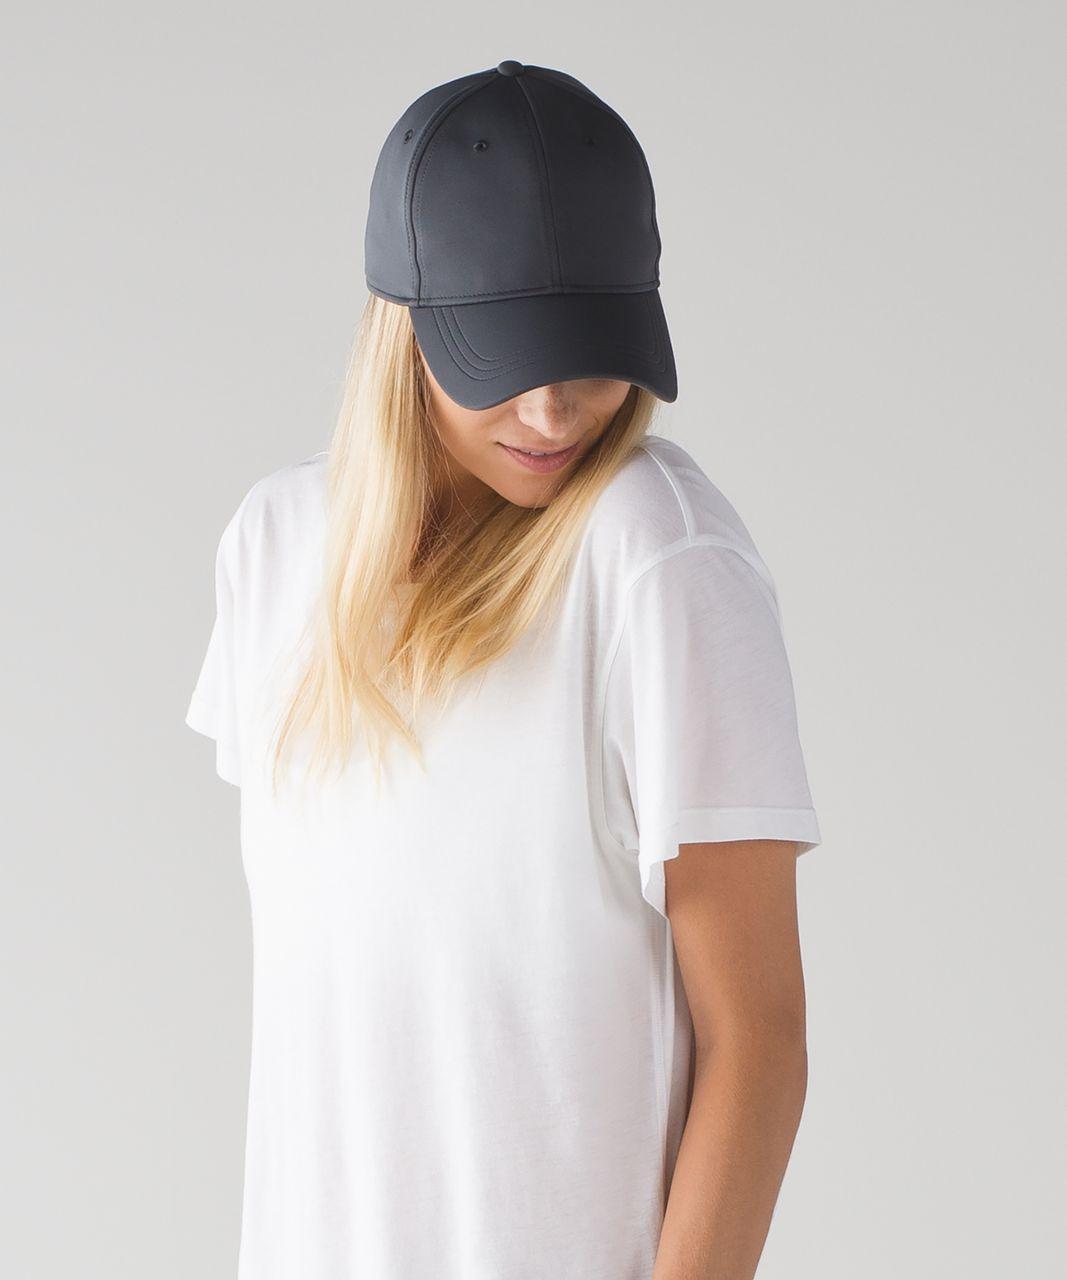 Lululemon Baller Hat - Dark Slate